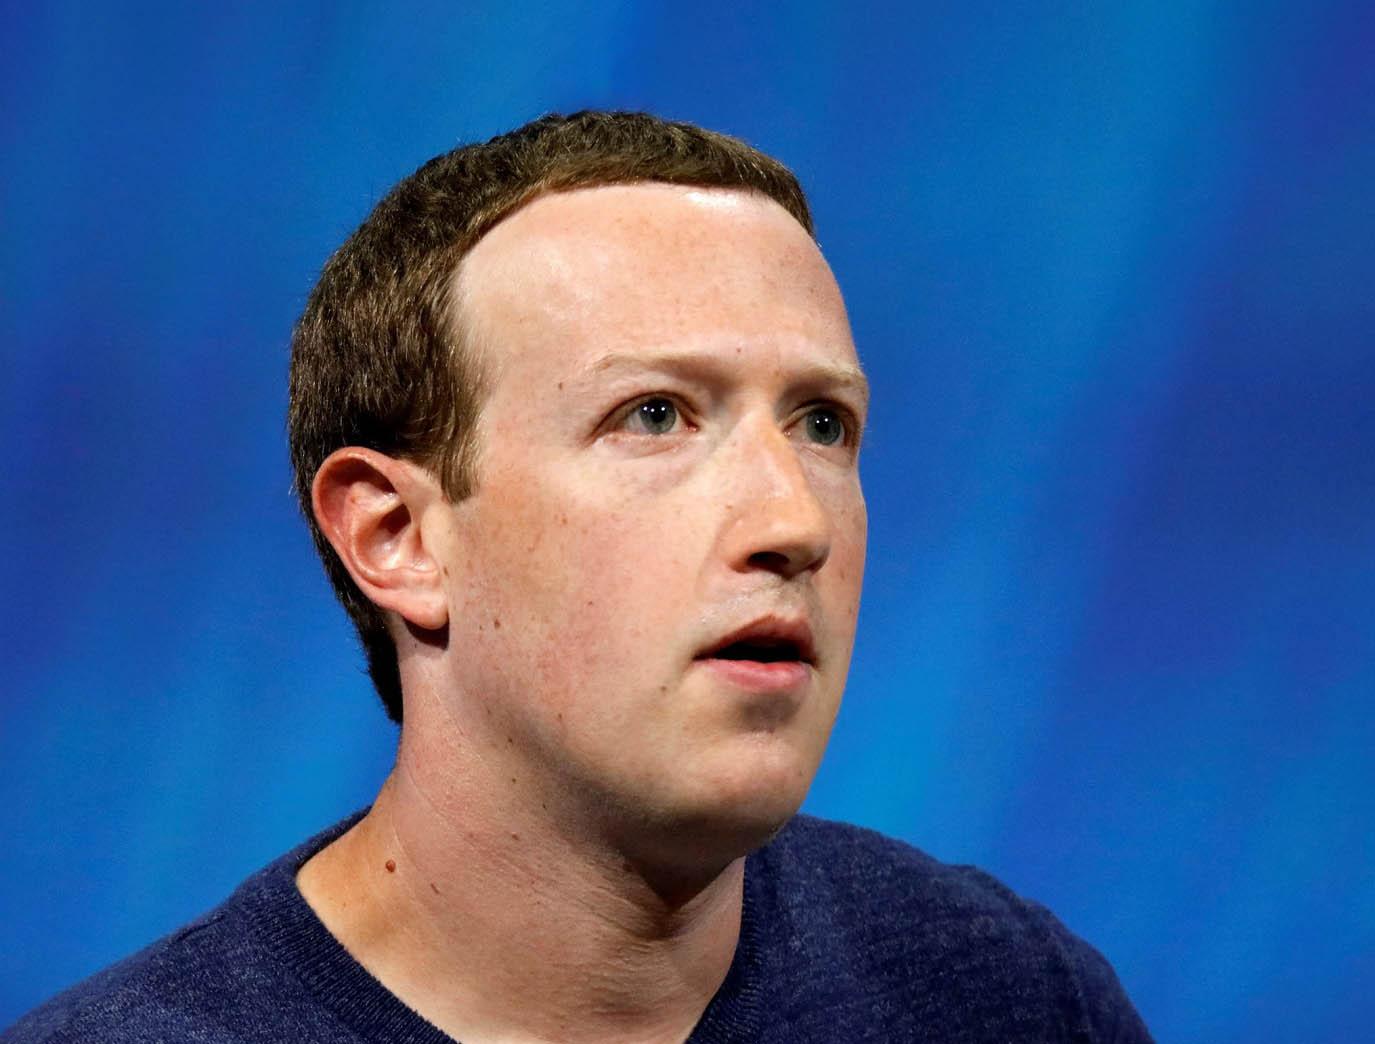 Facebook gets maximum fine for the catastrophic Cambridge Analytica data breach